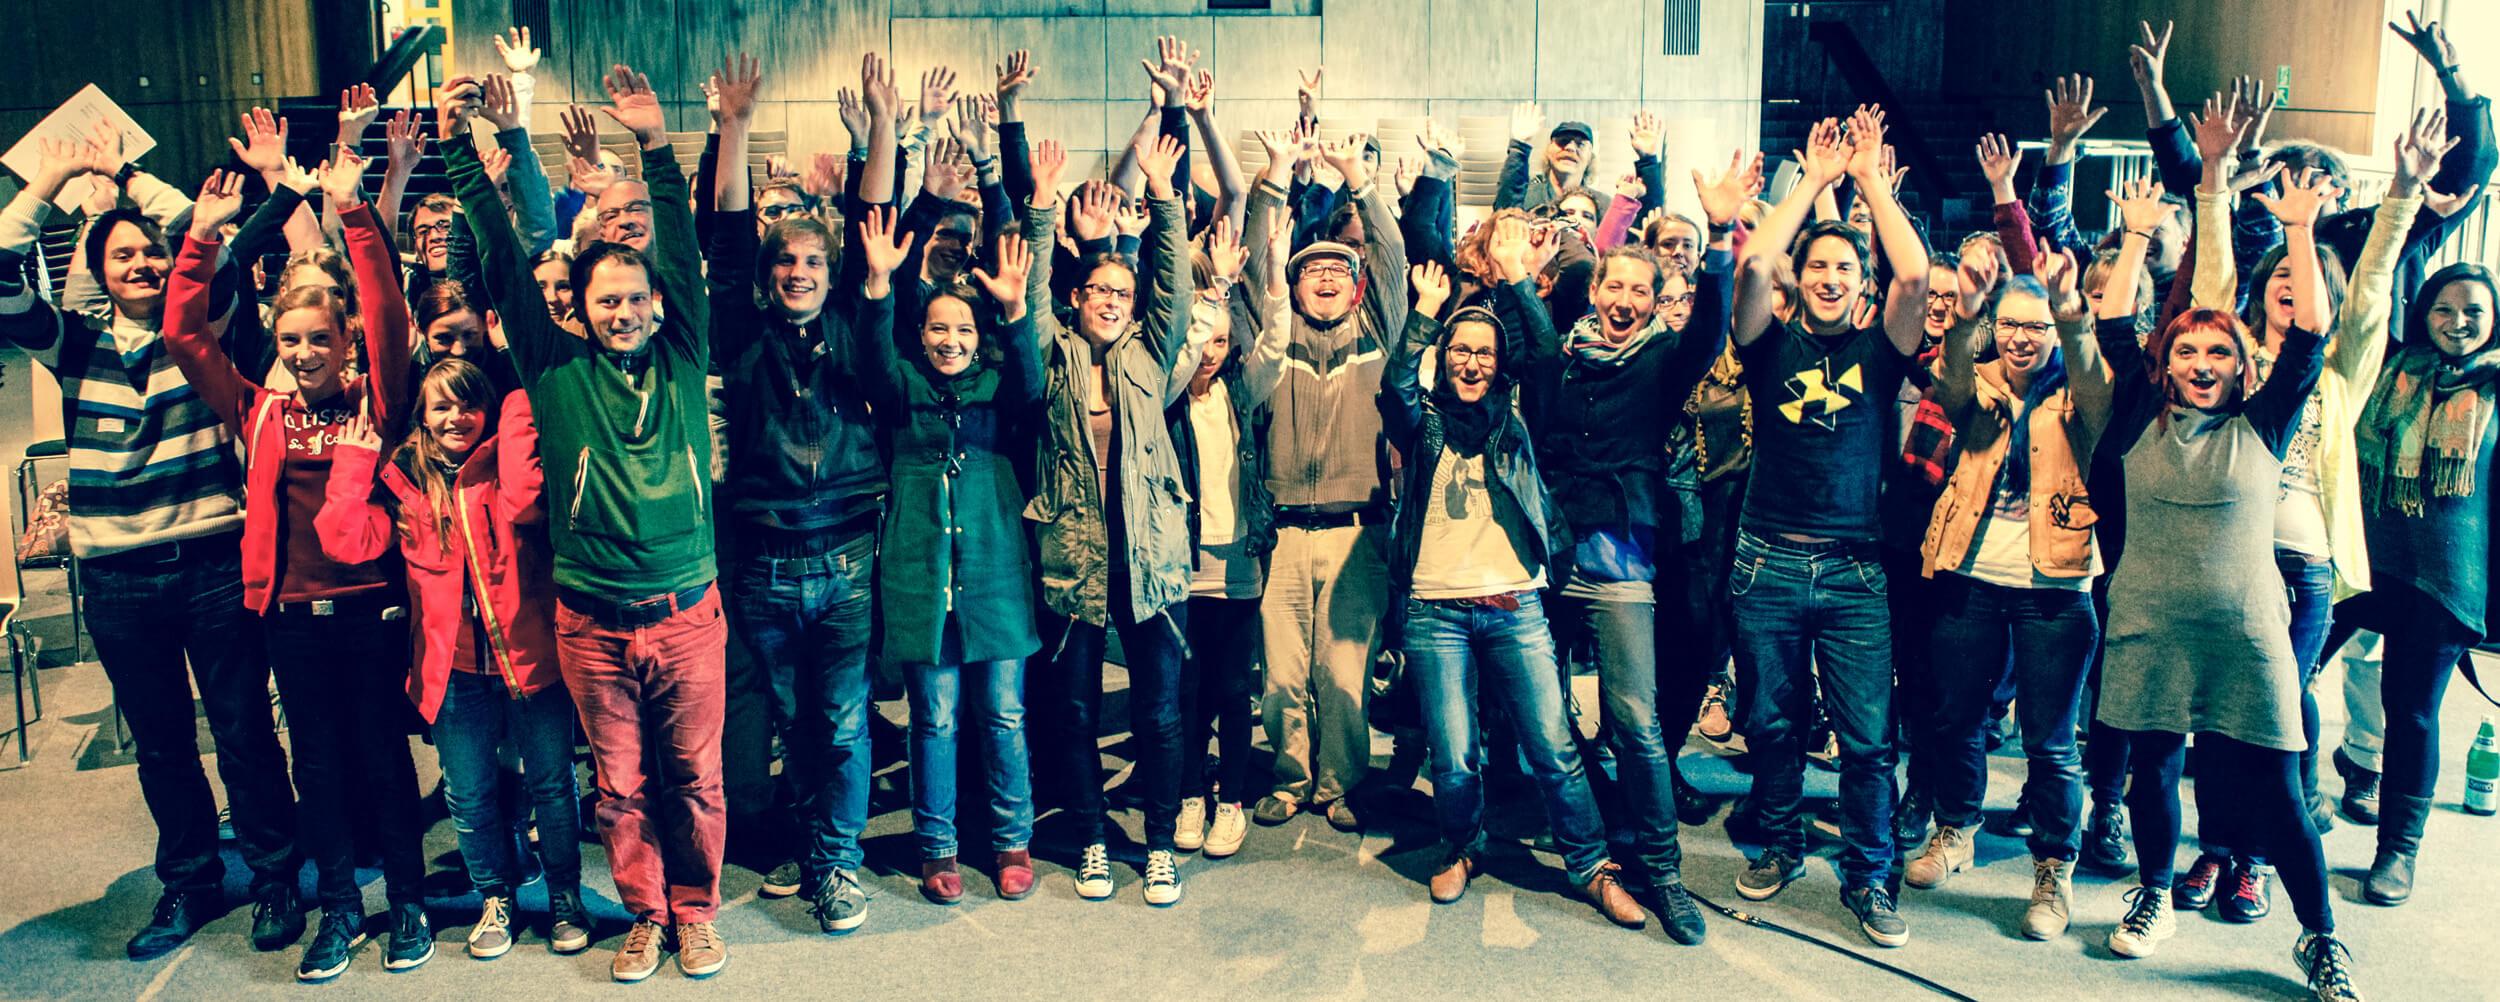 Gemeinsam in den Workshops Regie, Kamera, Schnitt, Dokumentarfilm und Animationsfilm eigene Filme drehen